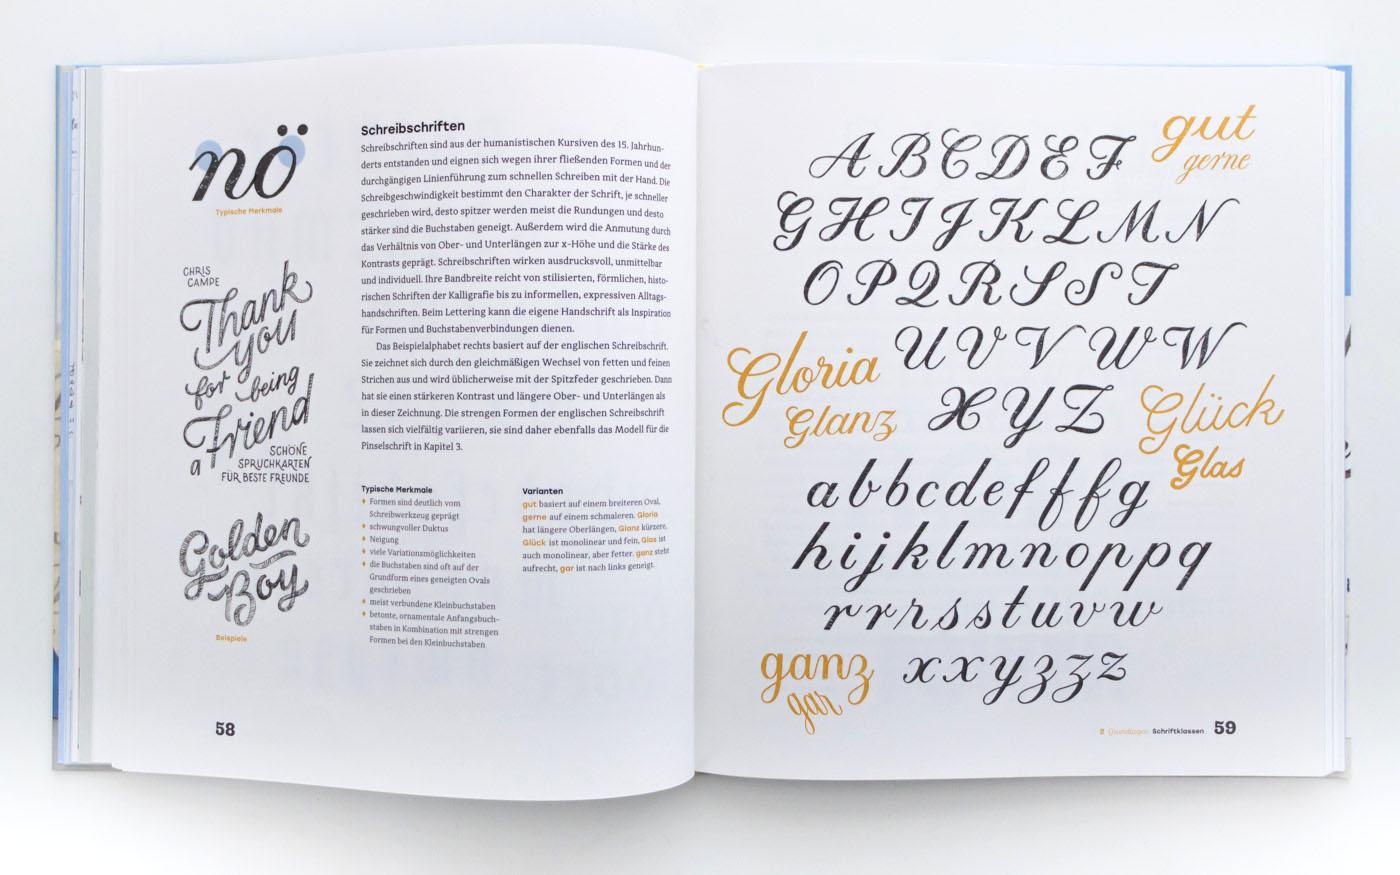 Handbuch Handlettering – Handlettering Anleitung von Chris Campe, ISBN 978-3-258-60165-6